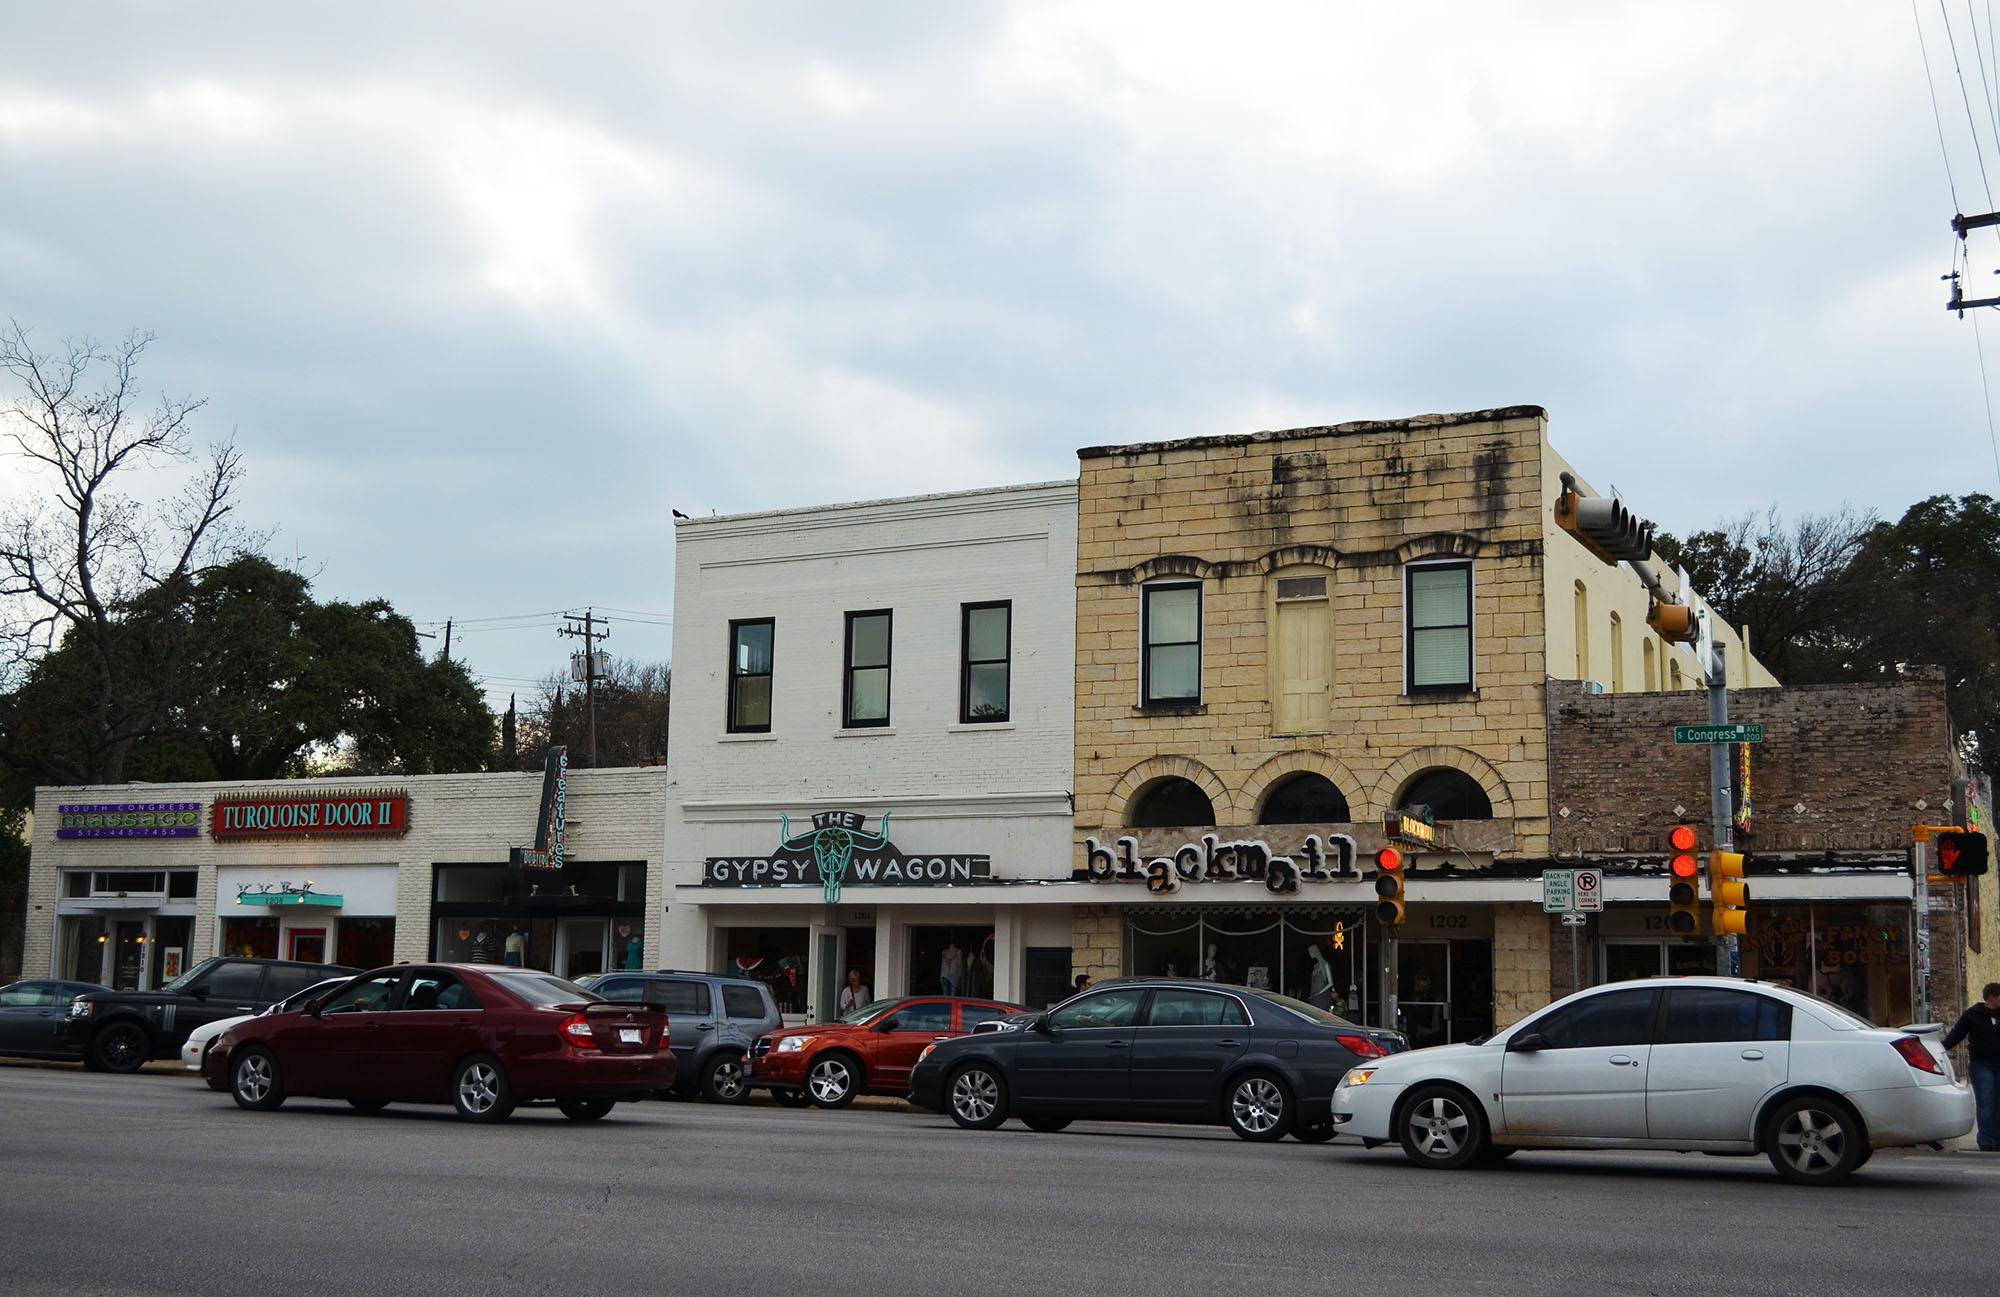 South Congress Street